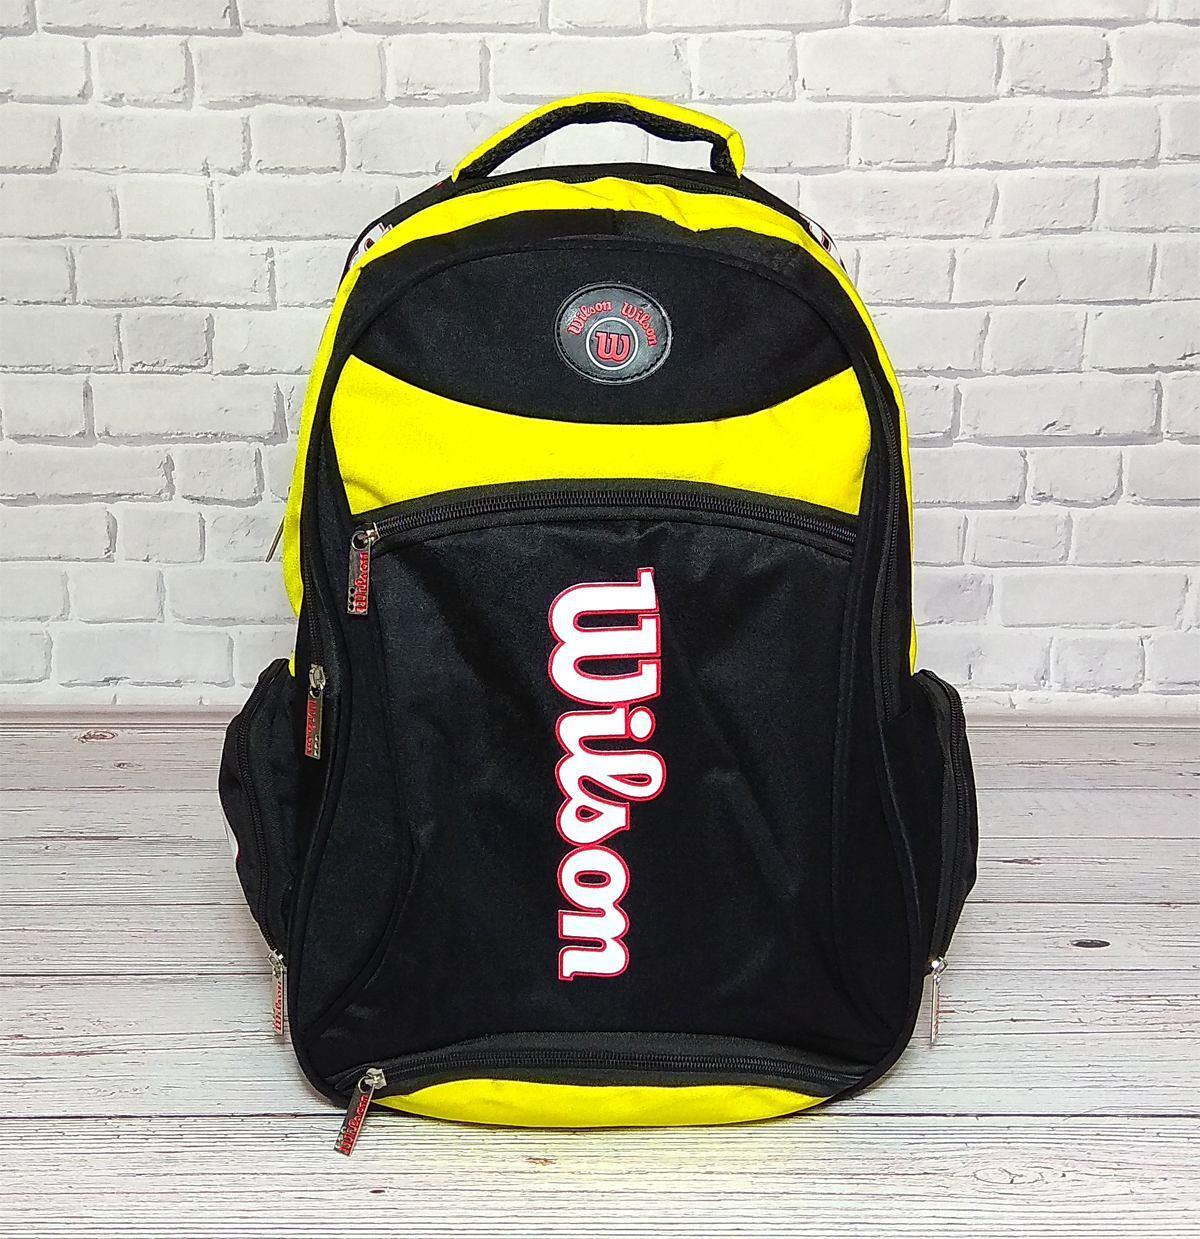 Місткий рюкзак Wilson для школи, спорту. Чорний з жовтим.